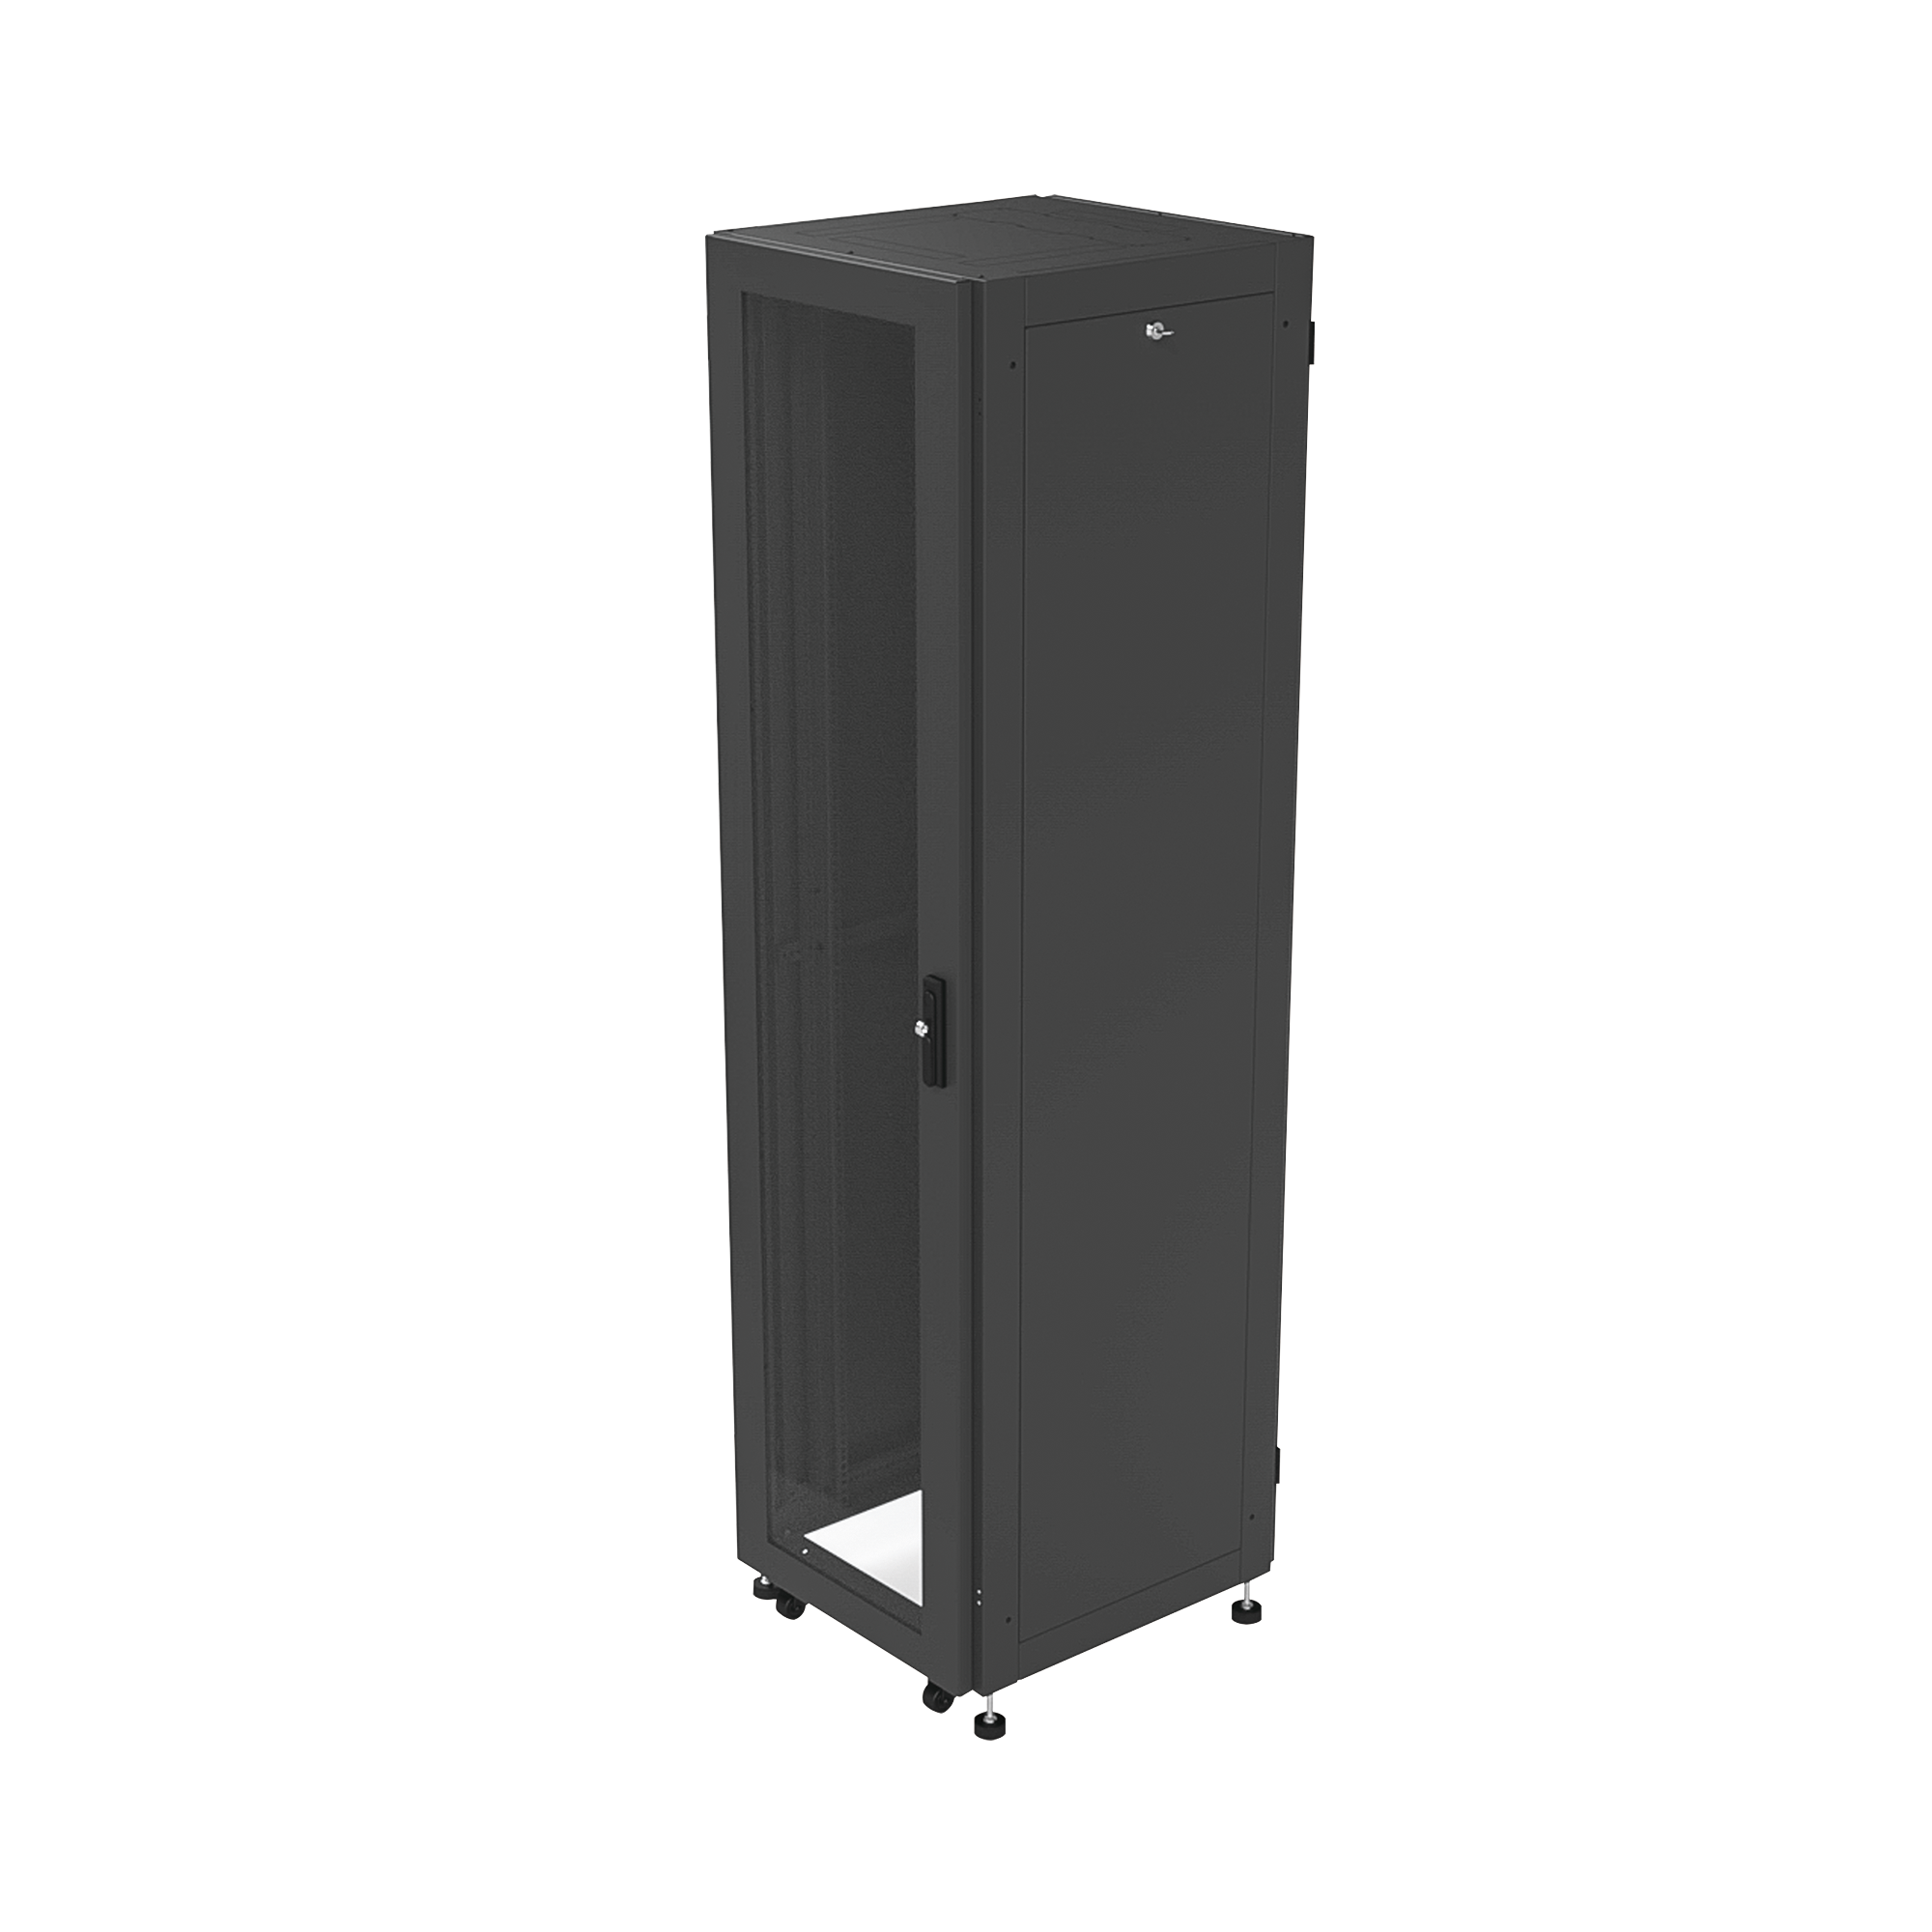 Gabinete Profesional para Telecomunicaciones de 45UR, 600 mm Ancho x 600 mm Profundidad.